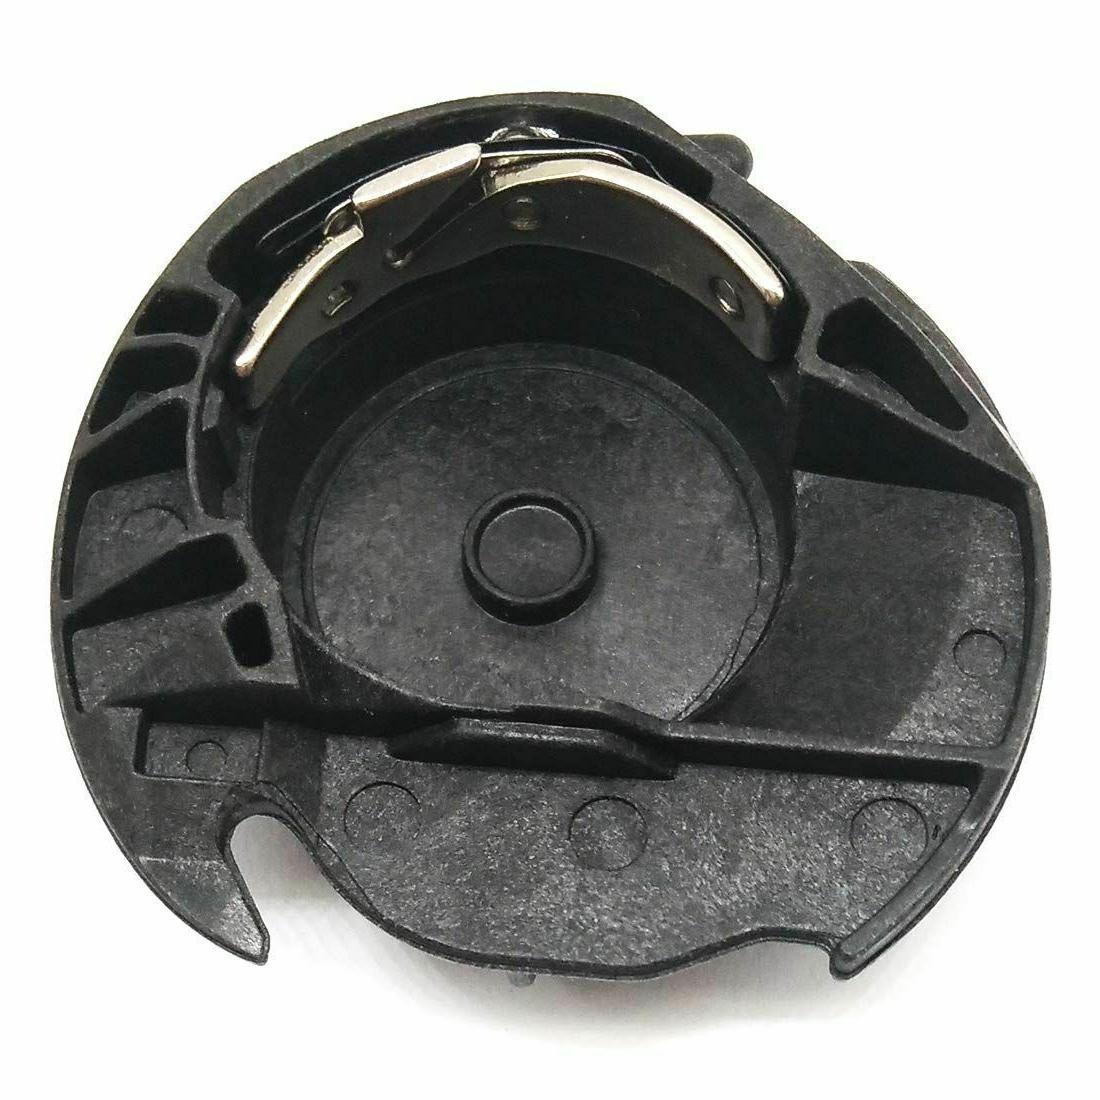 Bobbin Case For Brother Sewing Machine XL3750 XL3750FS XL380